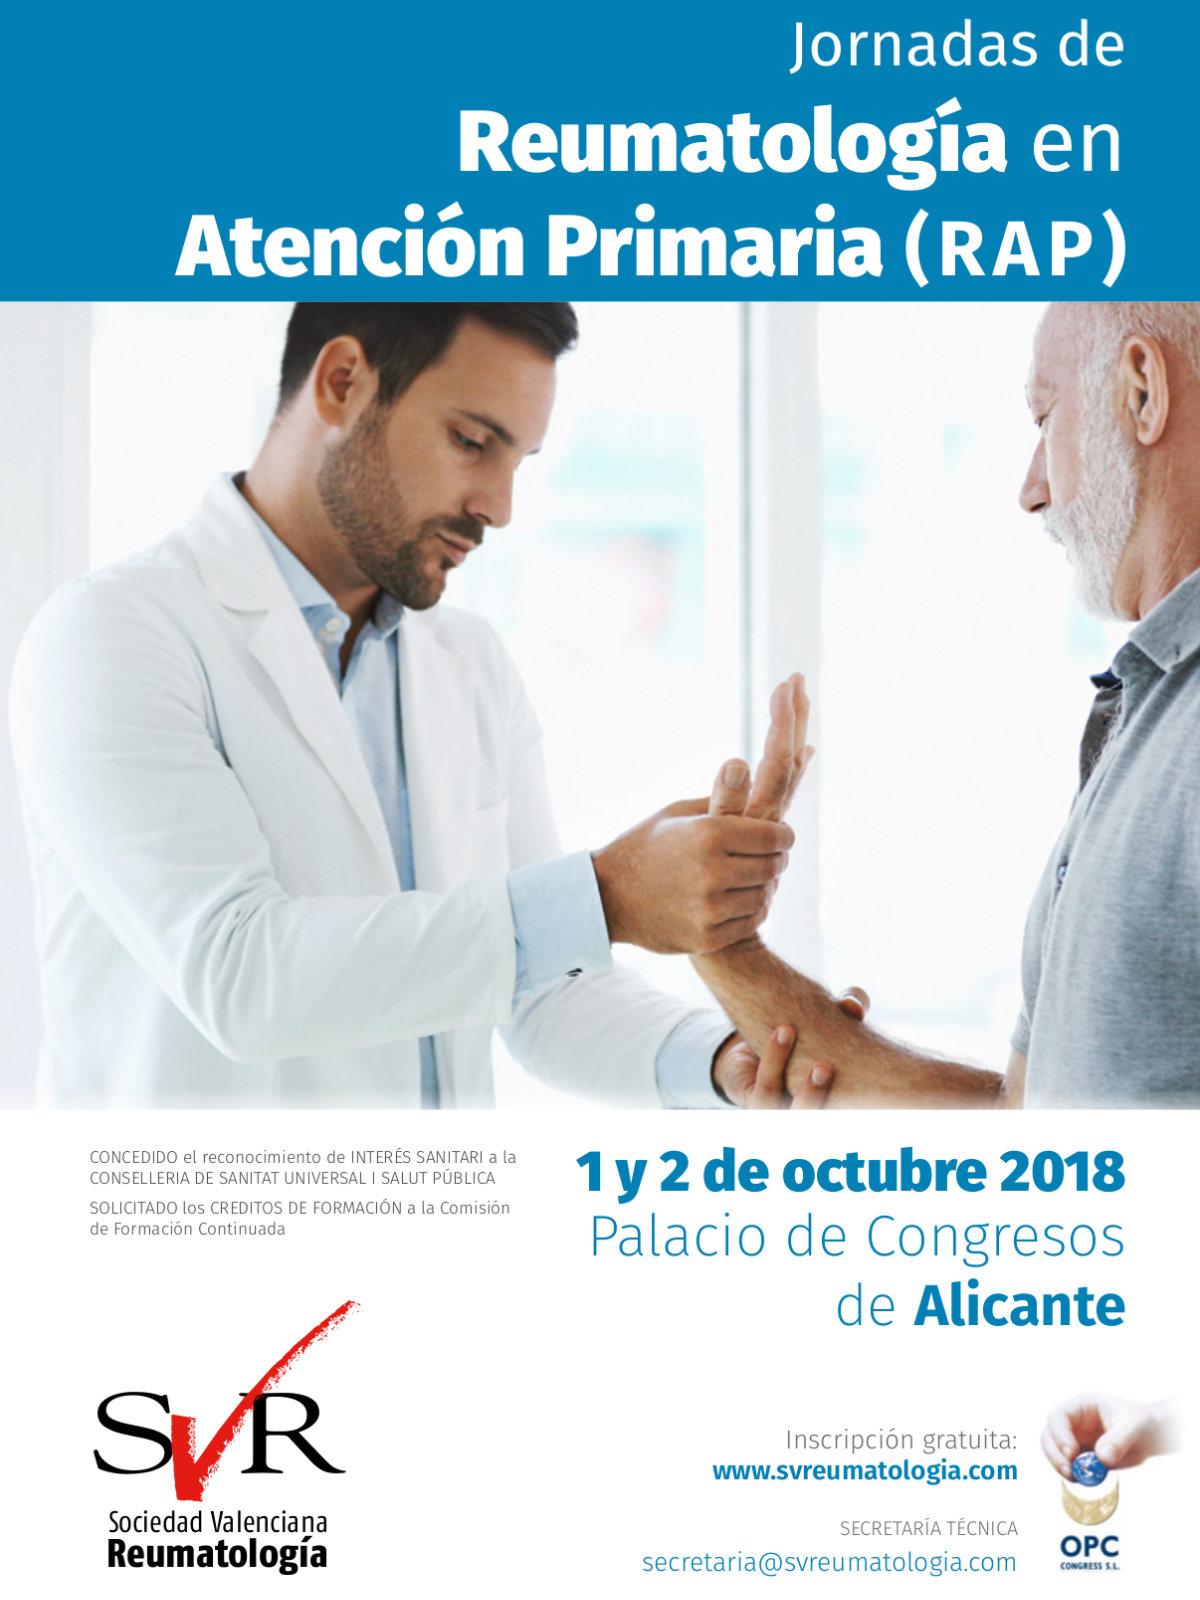 Jornadas de Reumatología en Atención Primaria (RAP) 2018